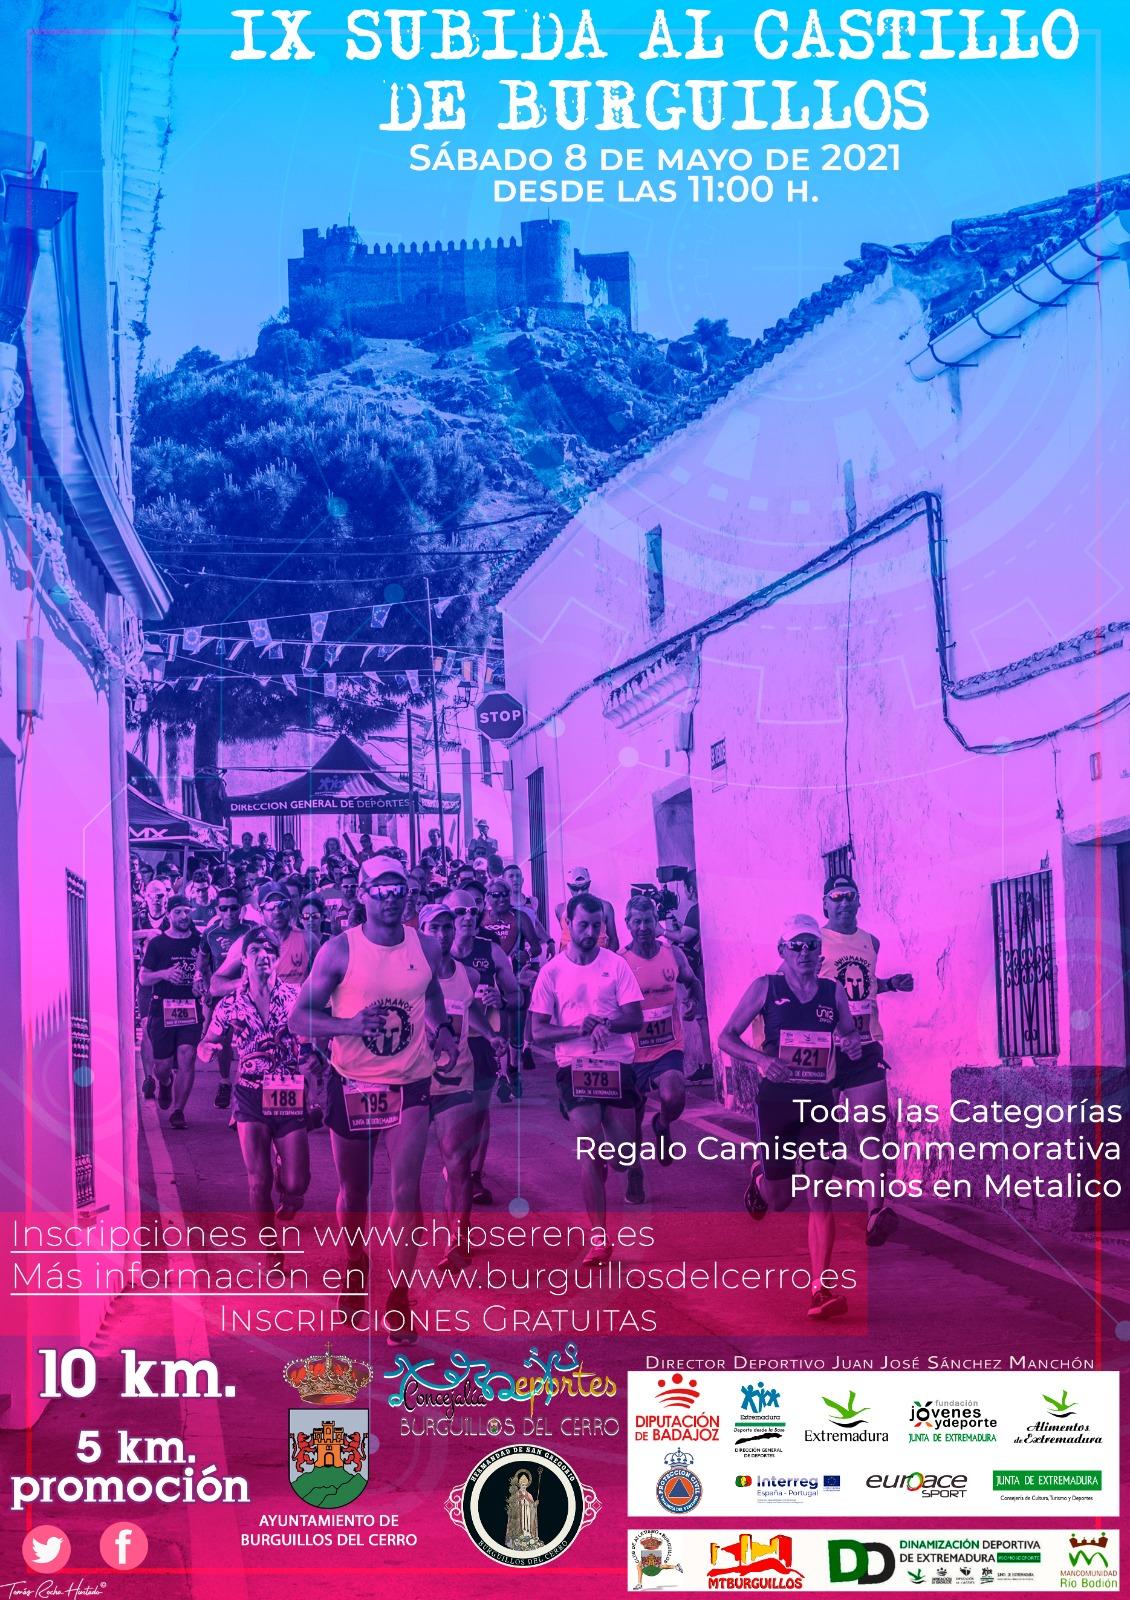 IX Subida al Castillo de Burguillos PROMOCION